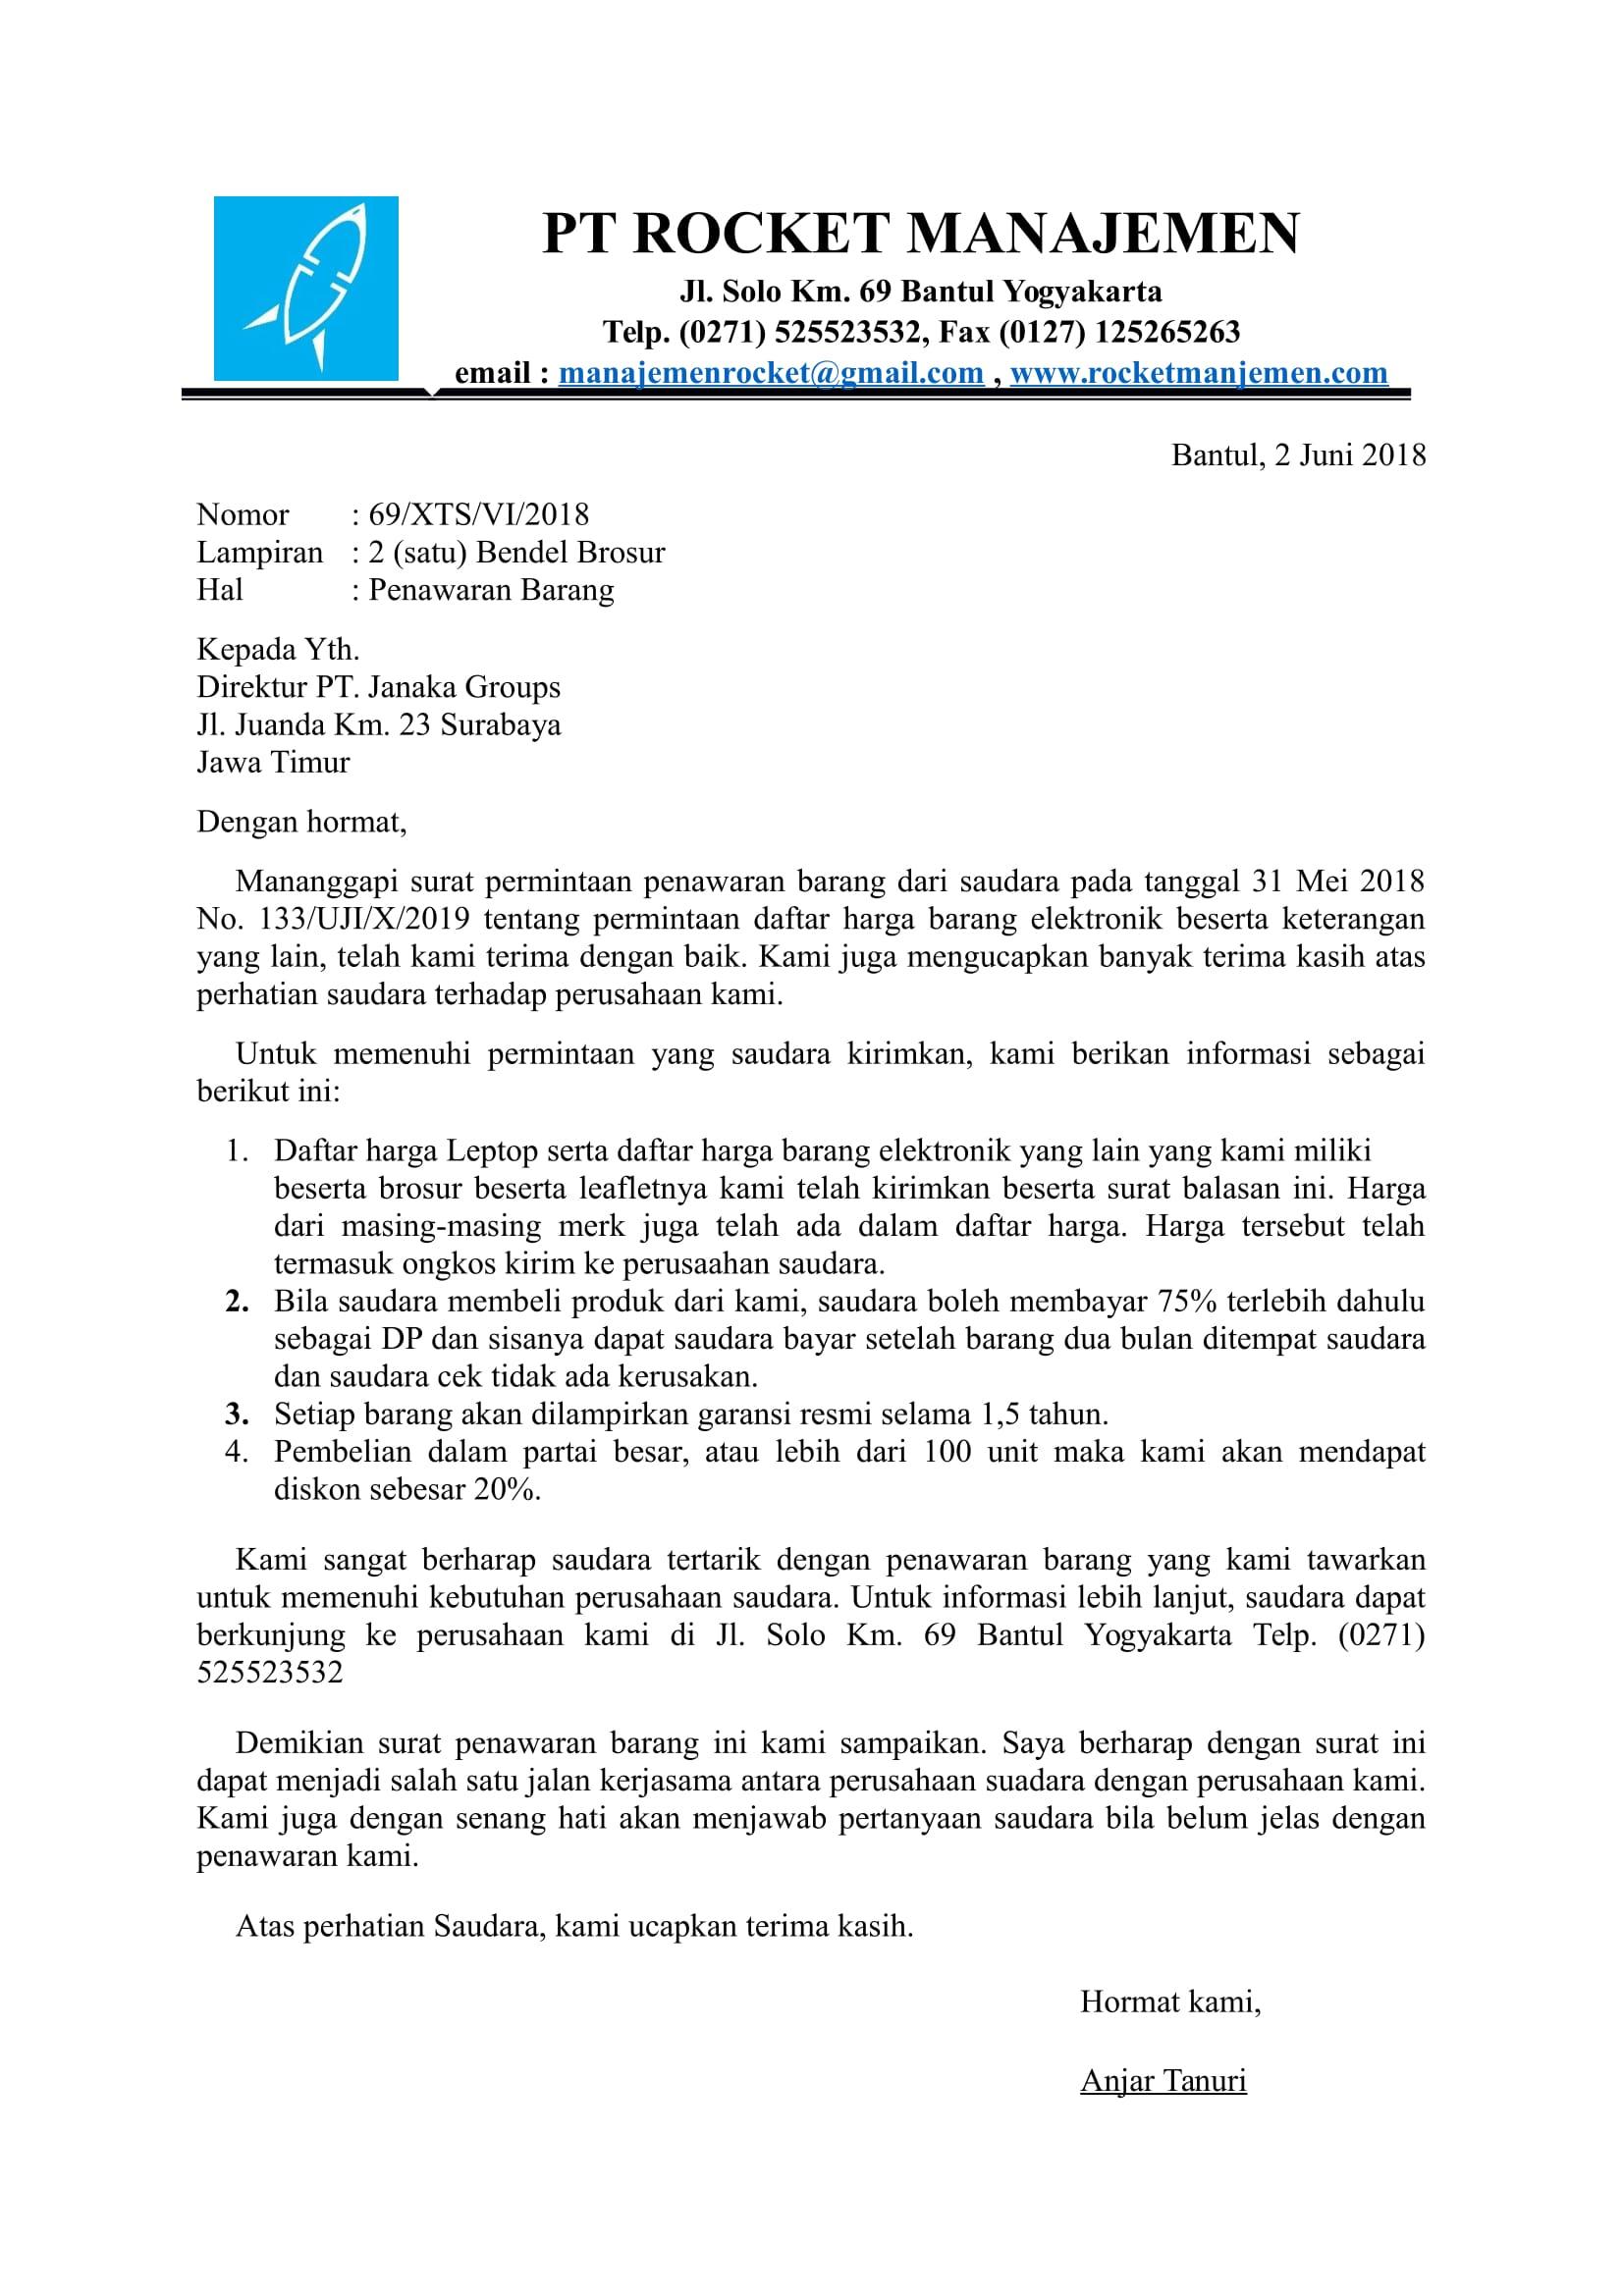 Contoh surat balasan